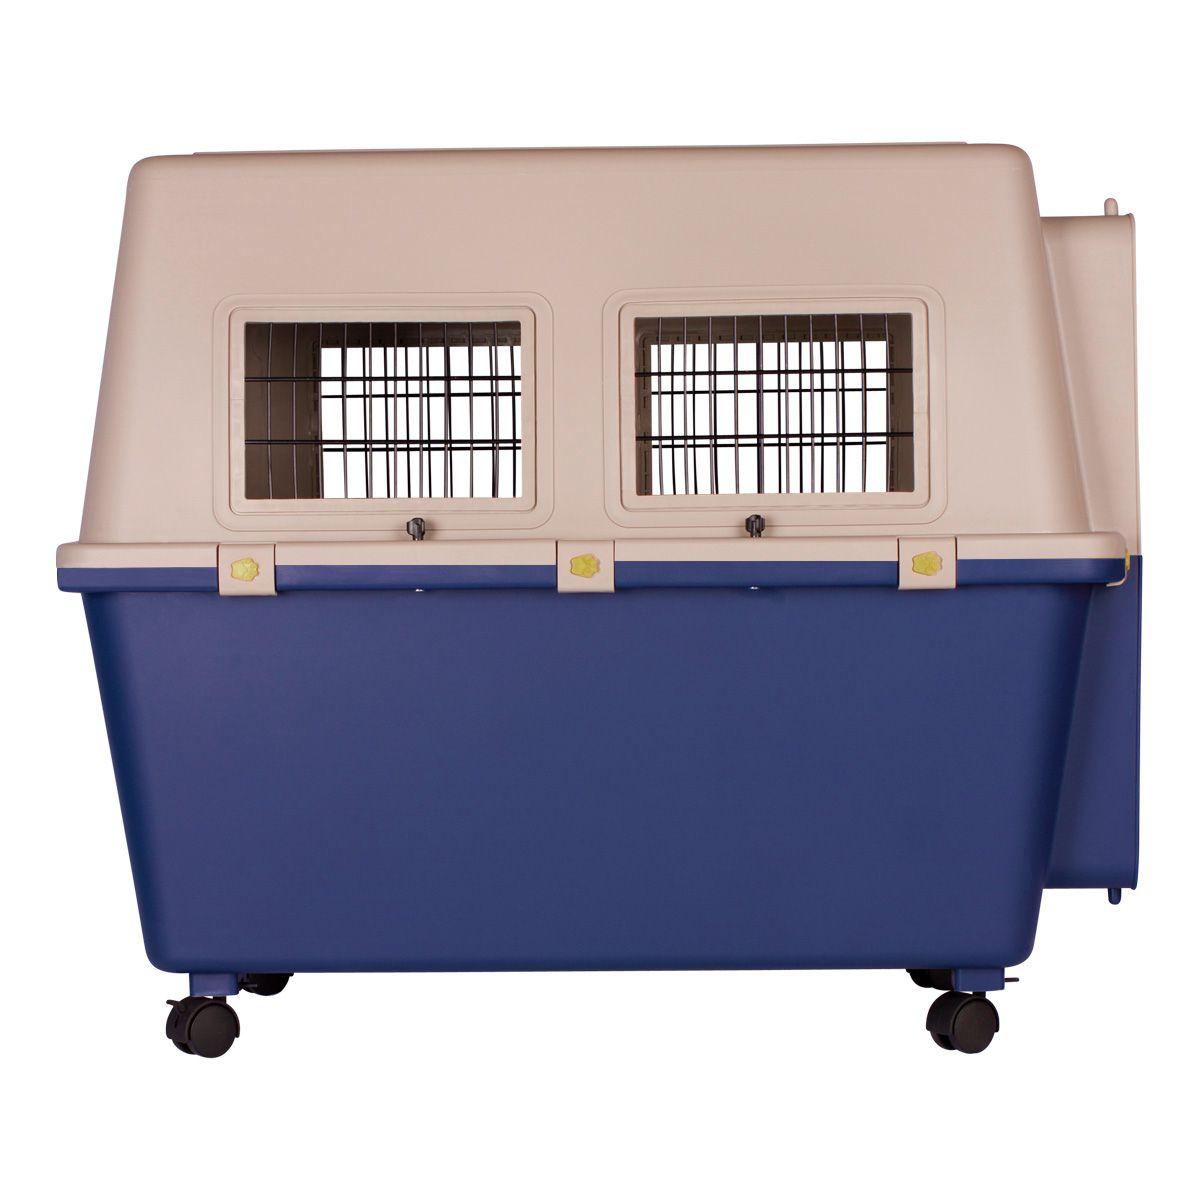 Caixa de Transporte Dog Fly modelo IATA Tamanho 7 N7